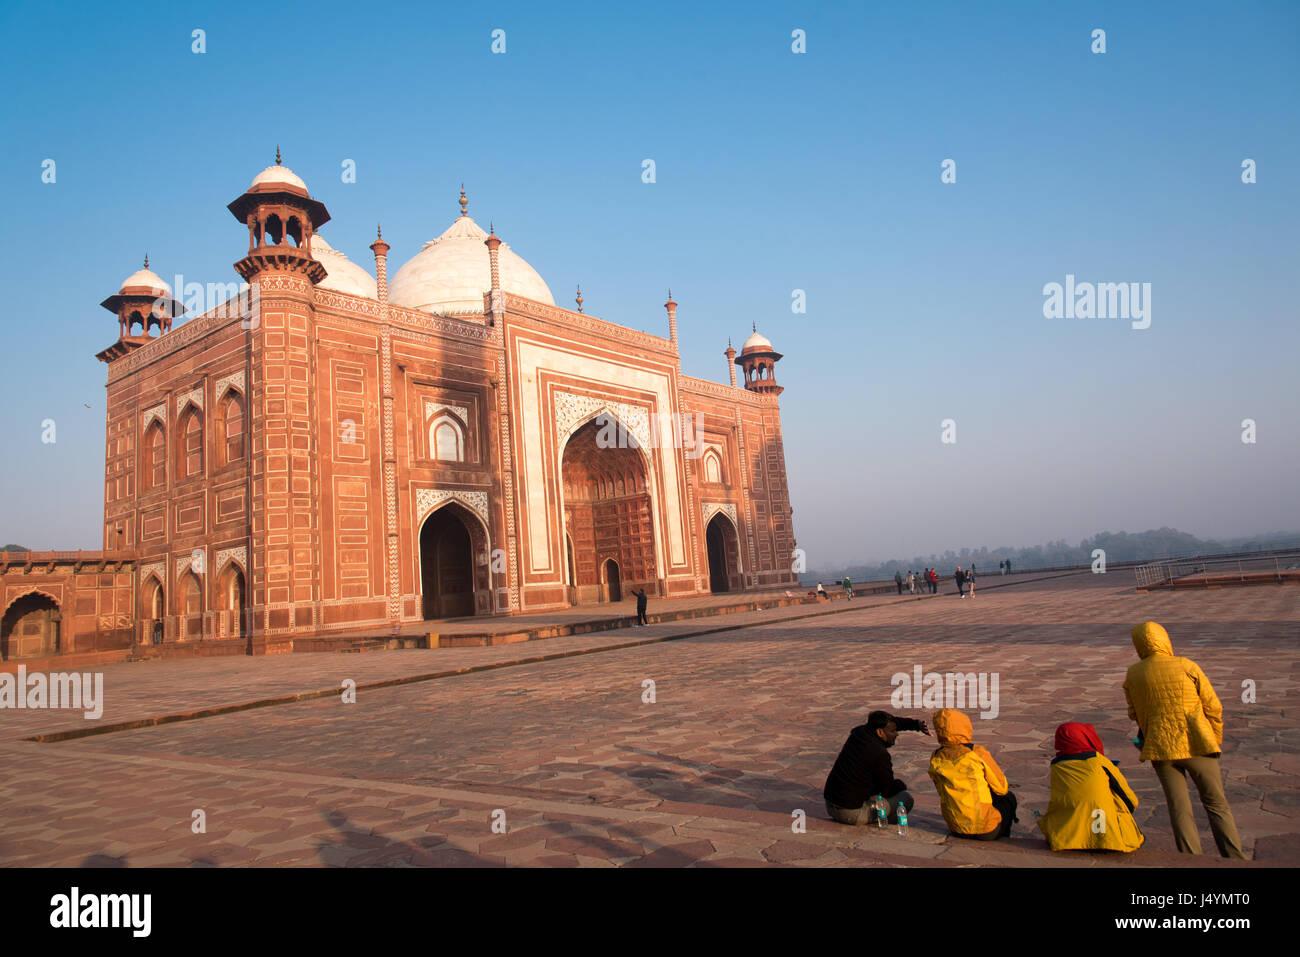 La gente disfrutando de la vista de la mezquita de Taj Mahal en Agra, India Imagen De Stock